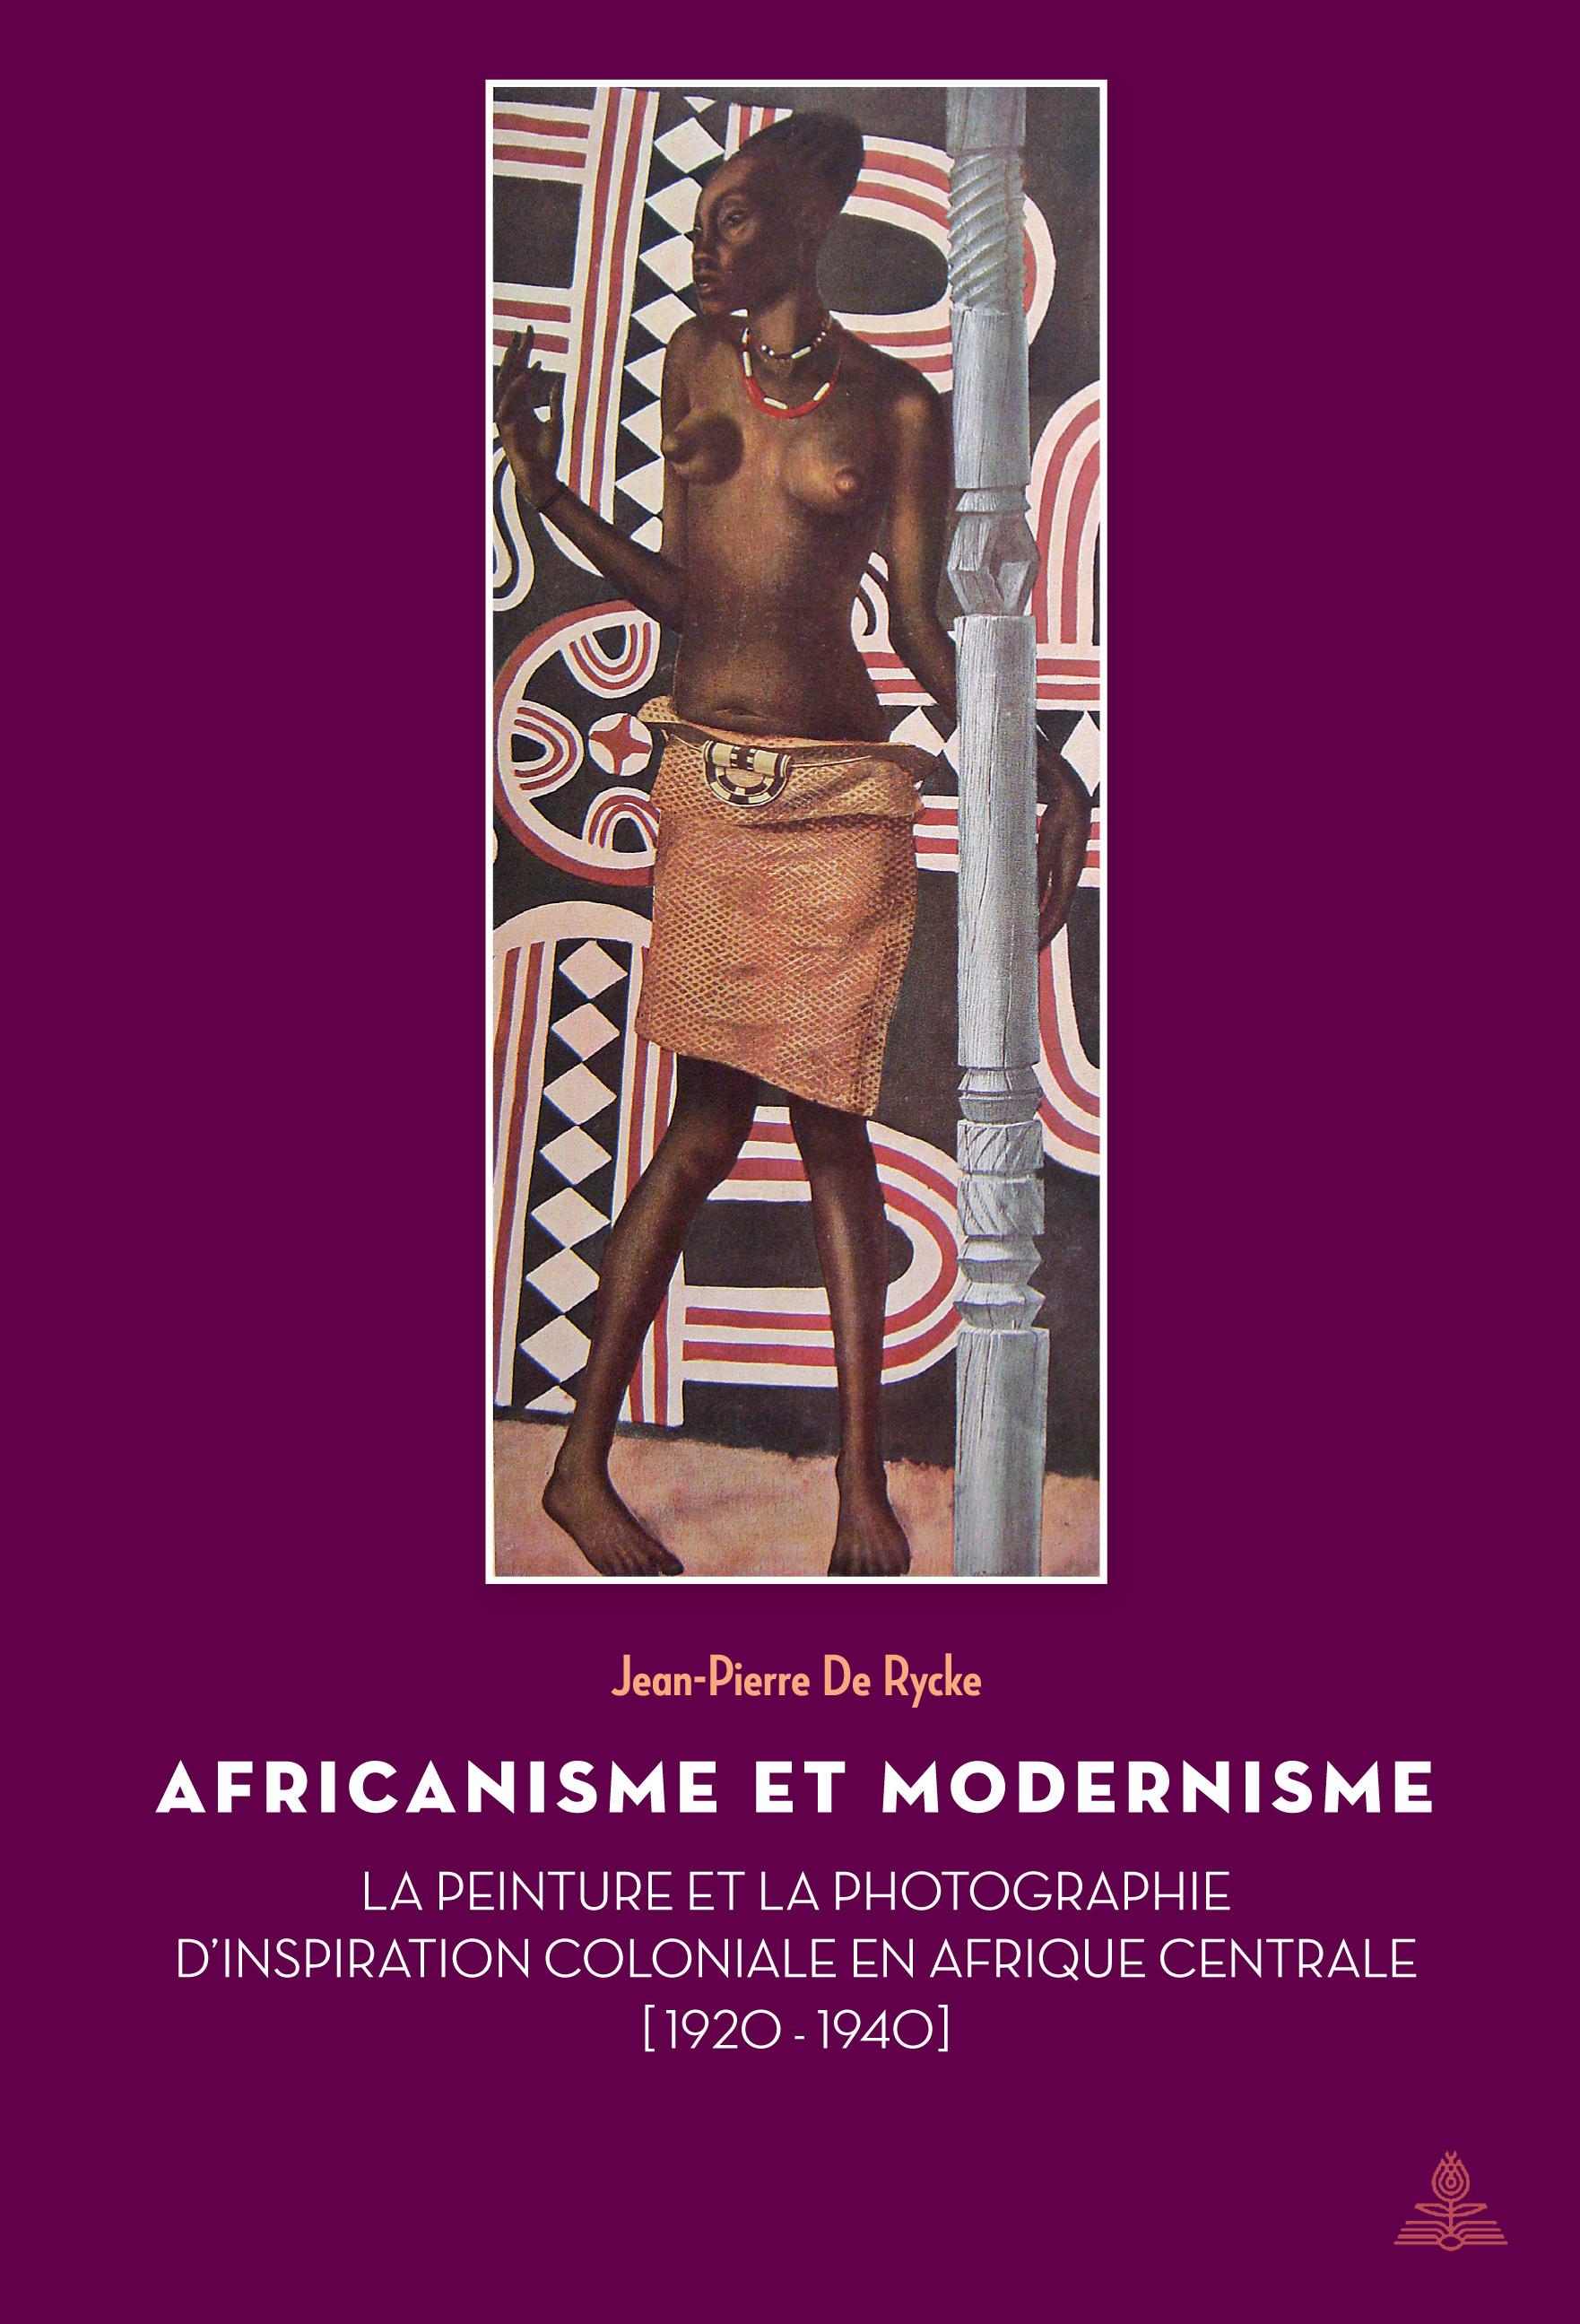 AFRICANISME ET MODERNISME